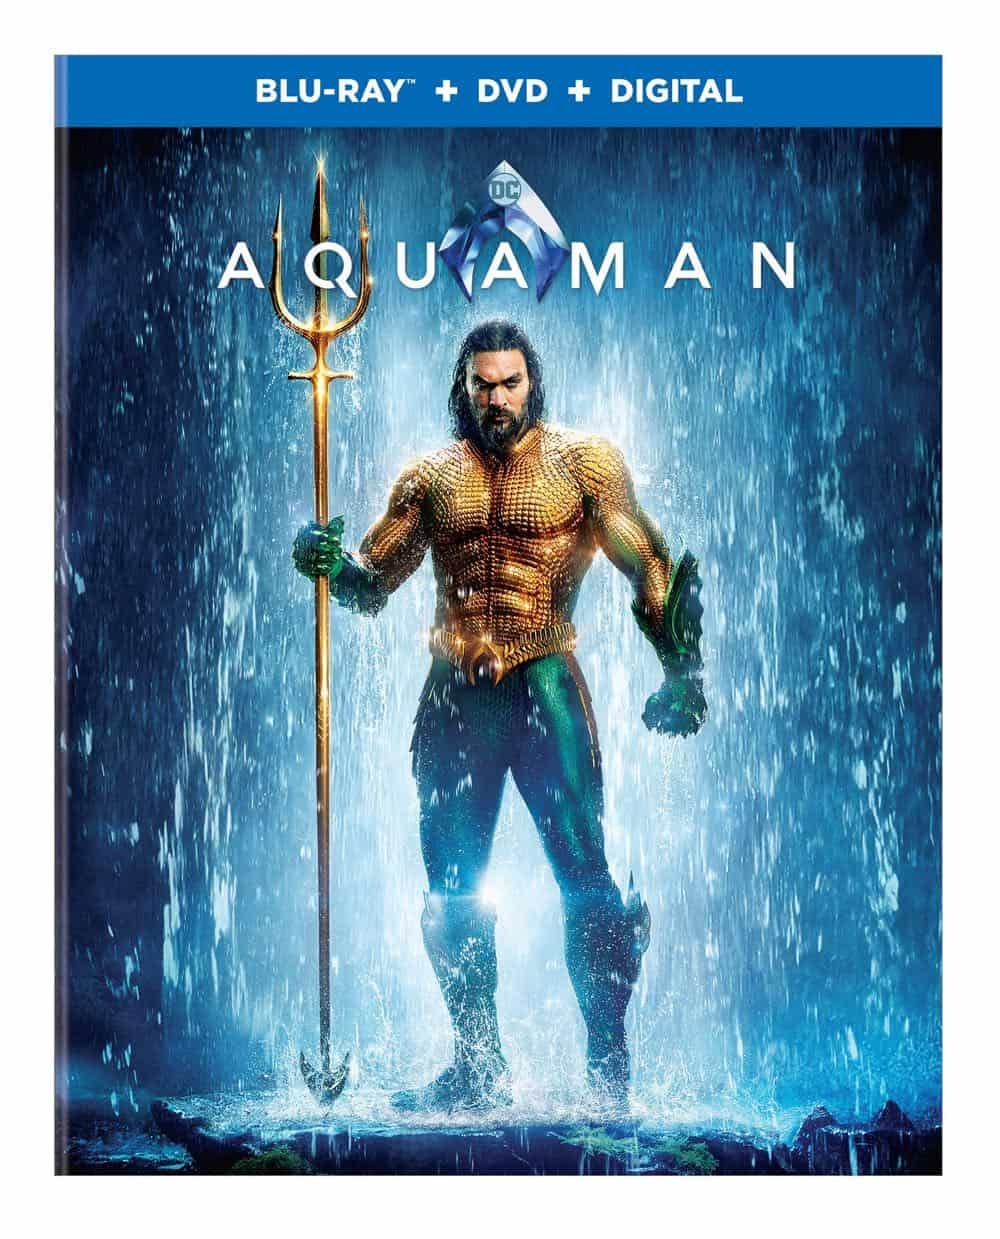 Aquaman Bluray DVD Digital 1